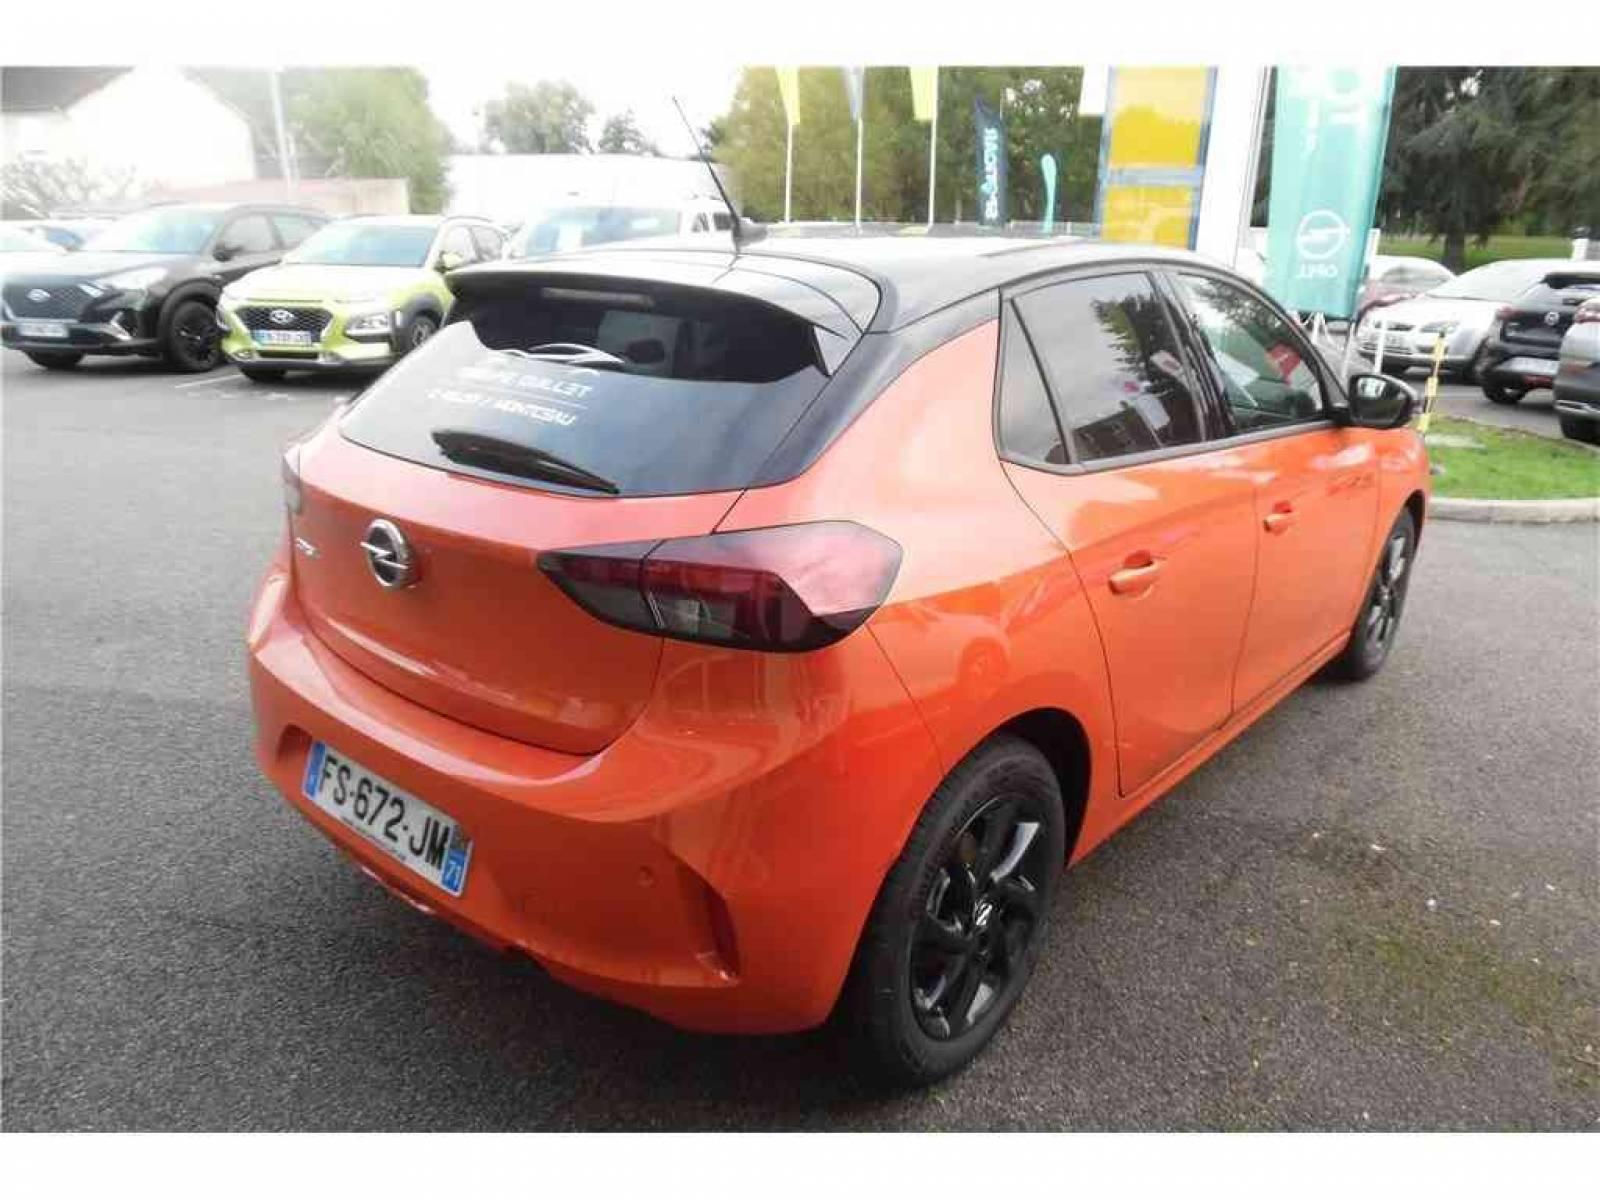 OPEL Corsa 1.2 Turbo 100 ch BVM6 - véhicule d'occasion - Groupe Guillet - Opel Magicauto - Montceau-les-Mines - 71300 - Montceau-les-Mines - 7